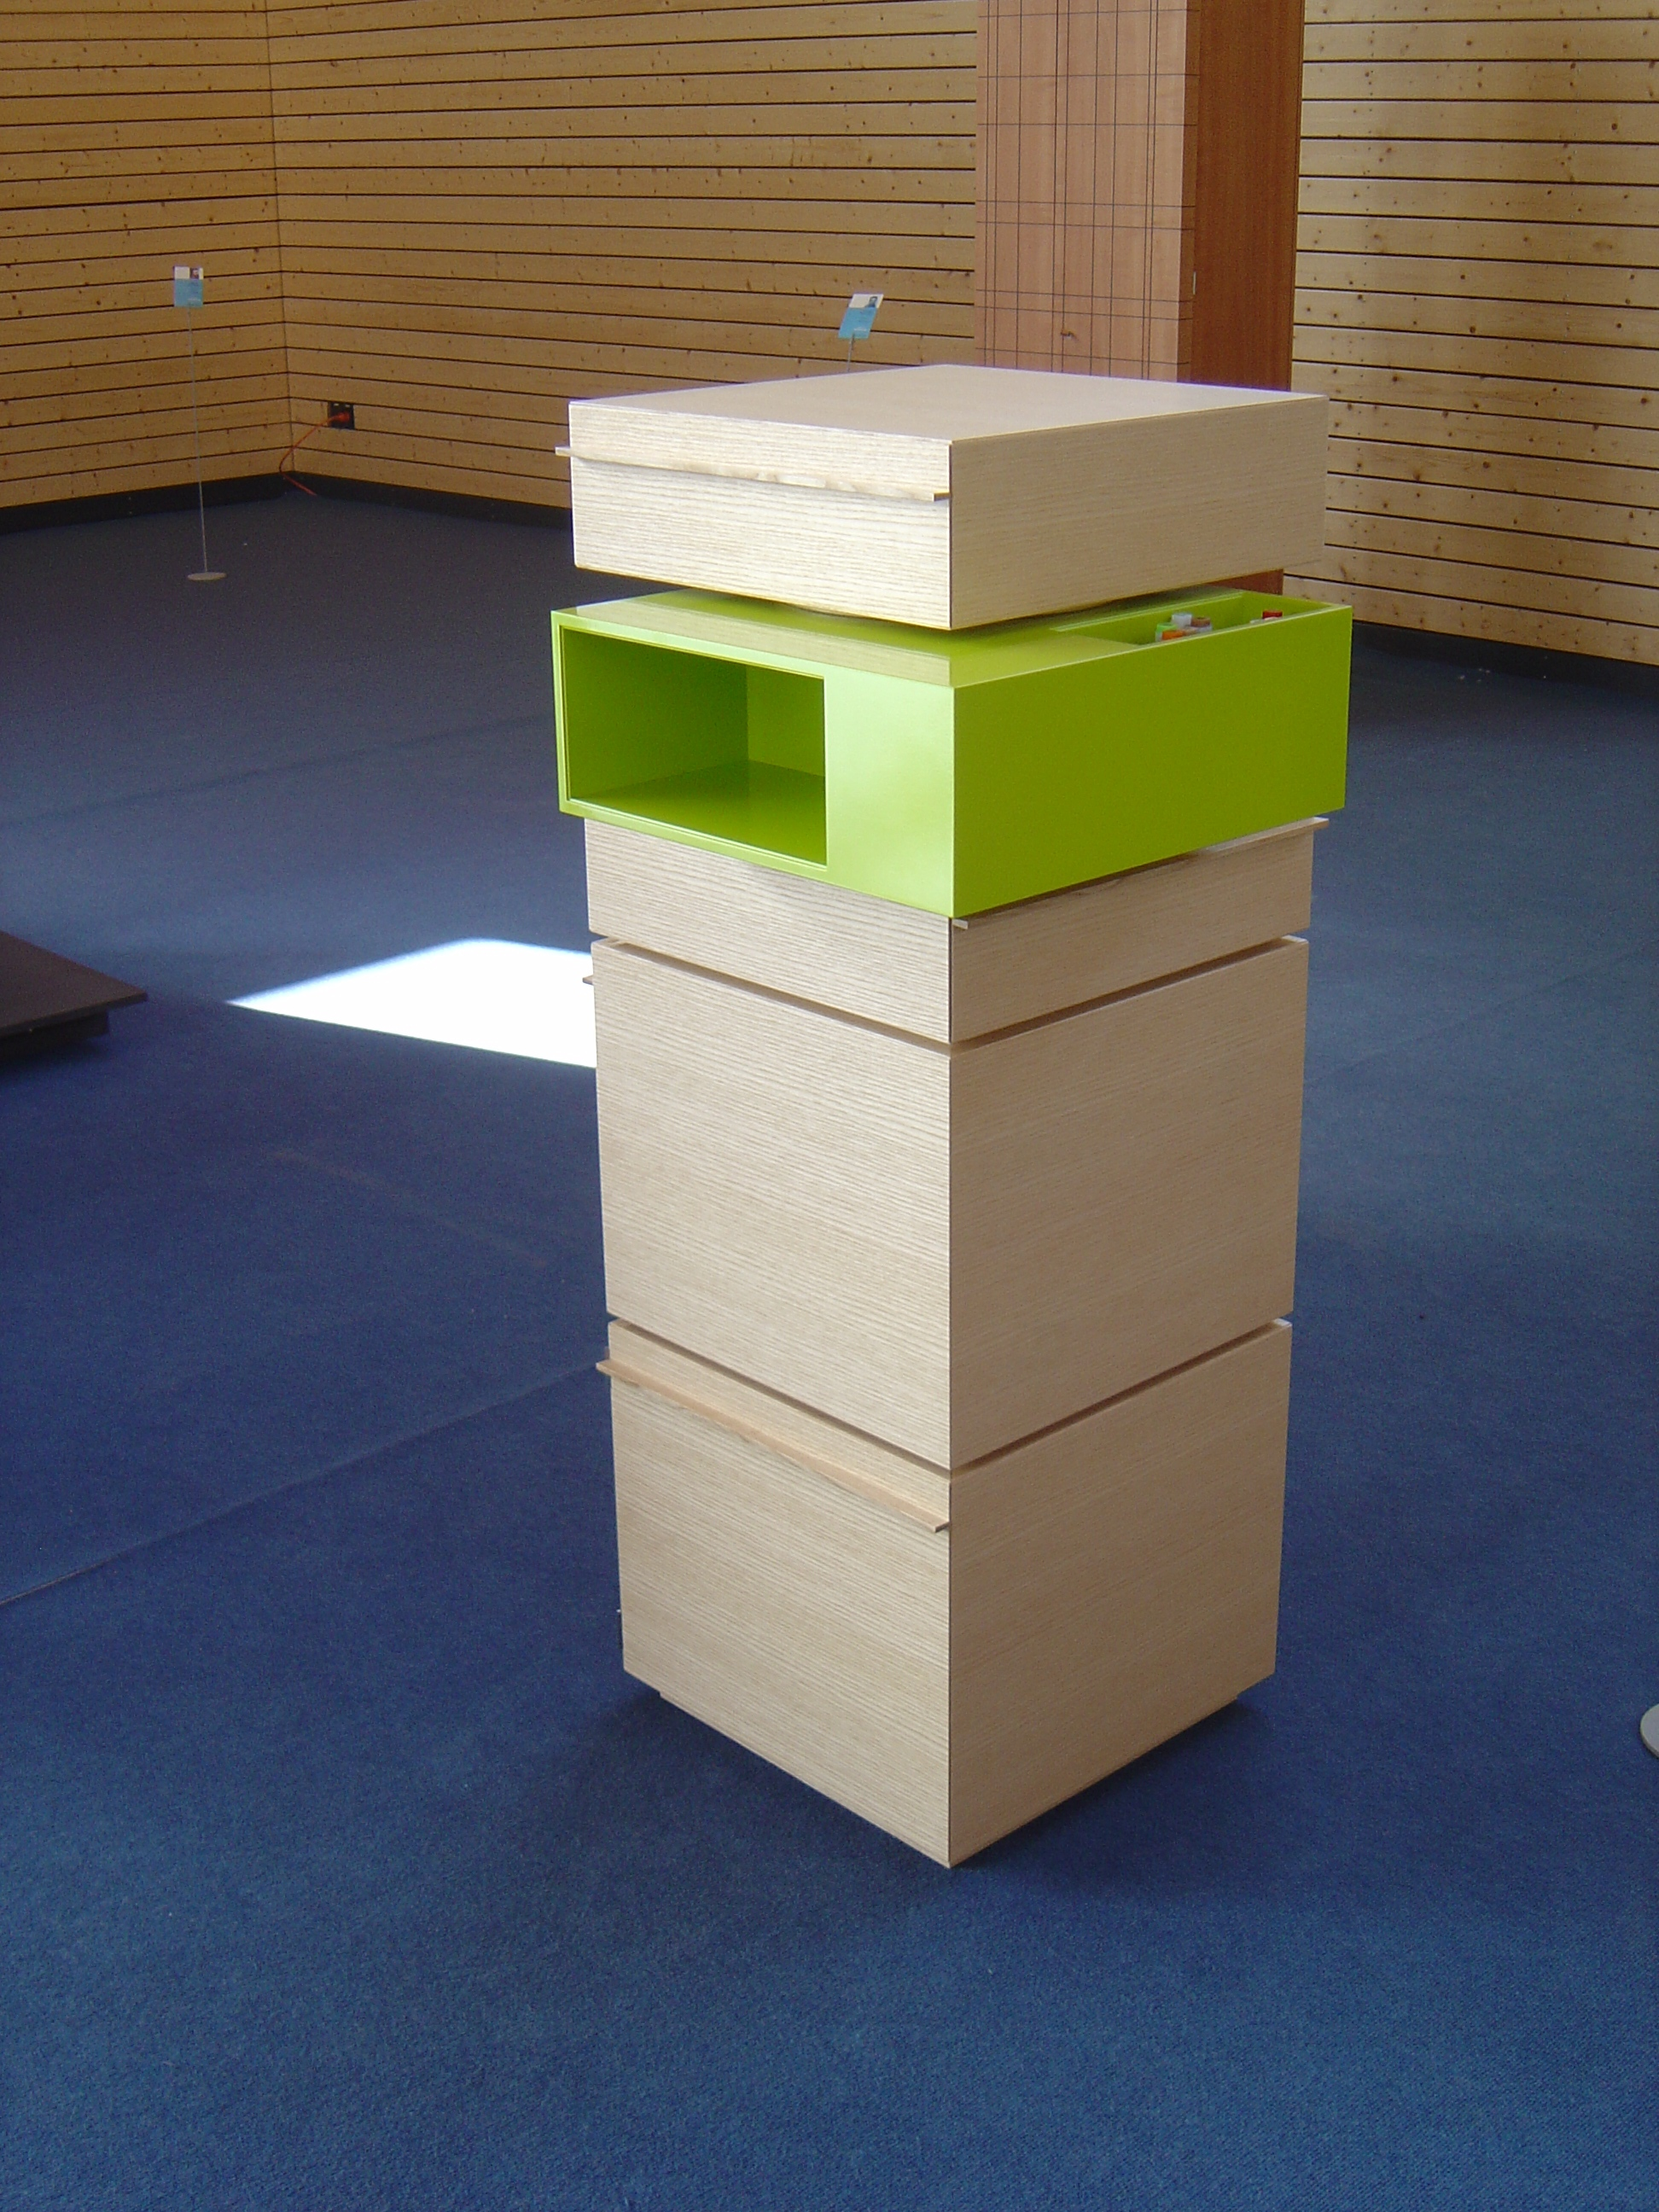 Büroturm als Meisterstück in Esche matt lackiert